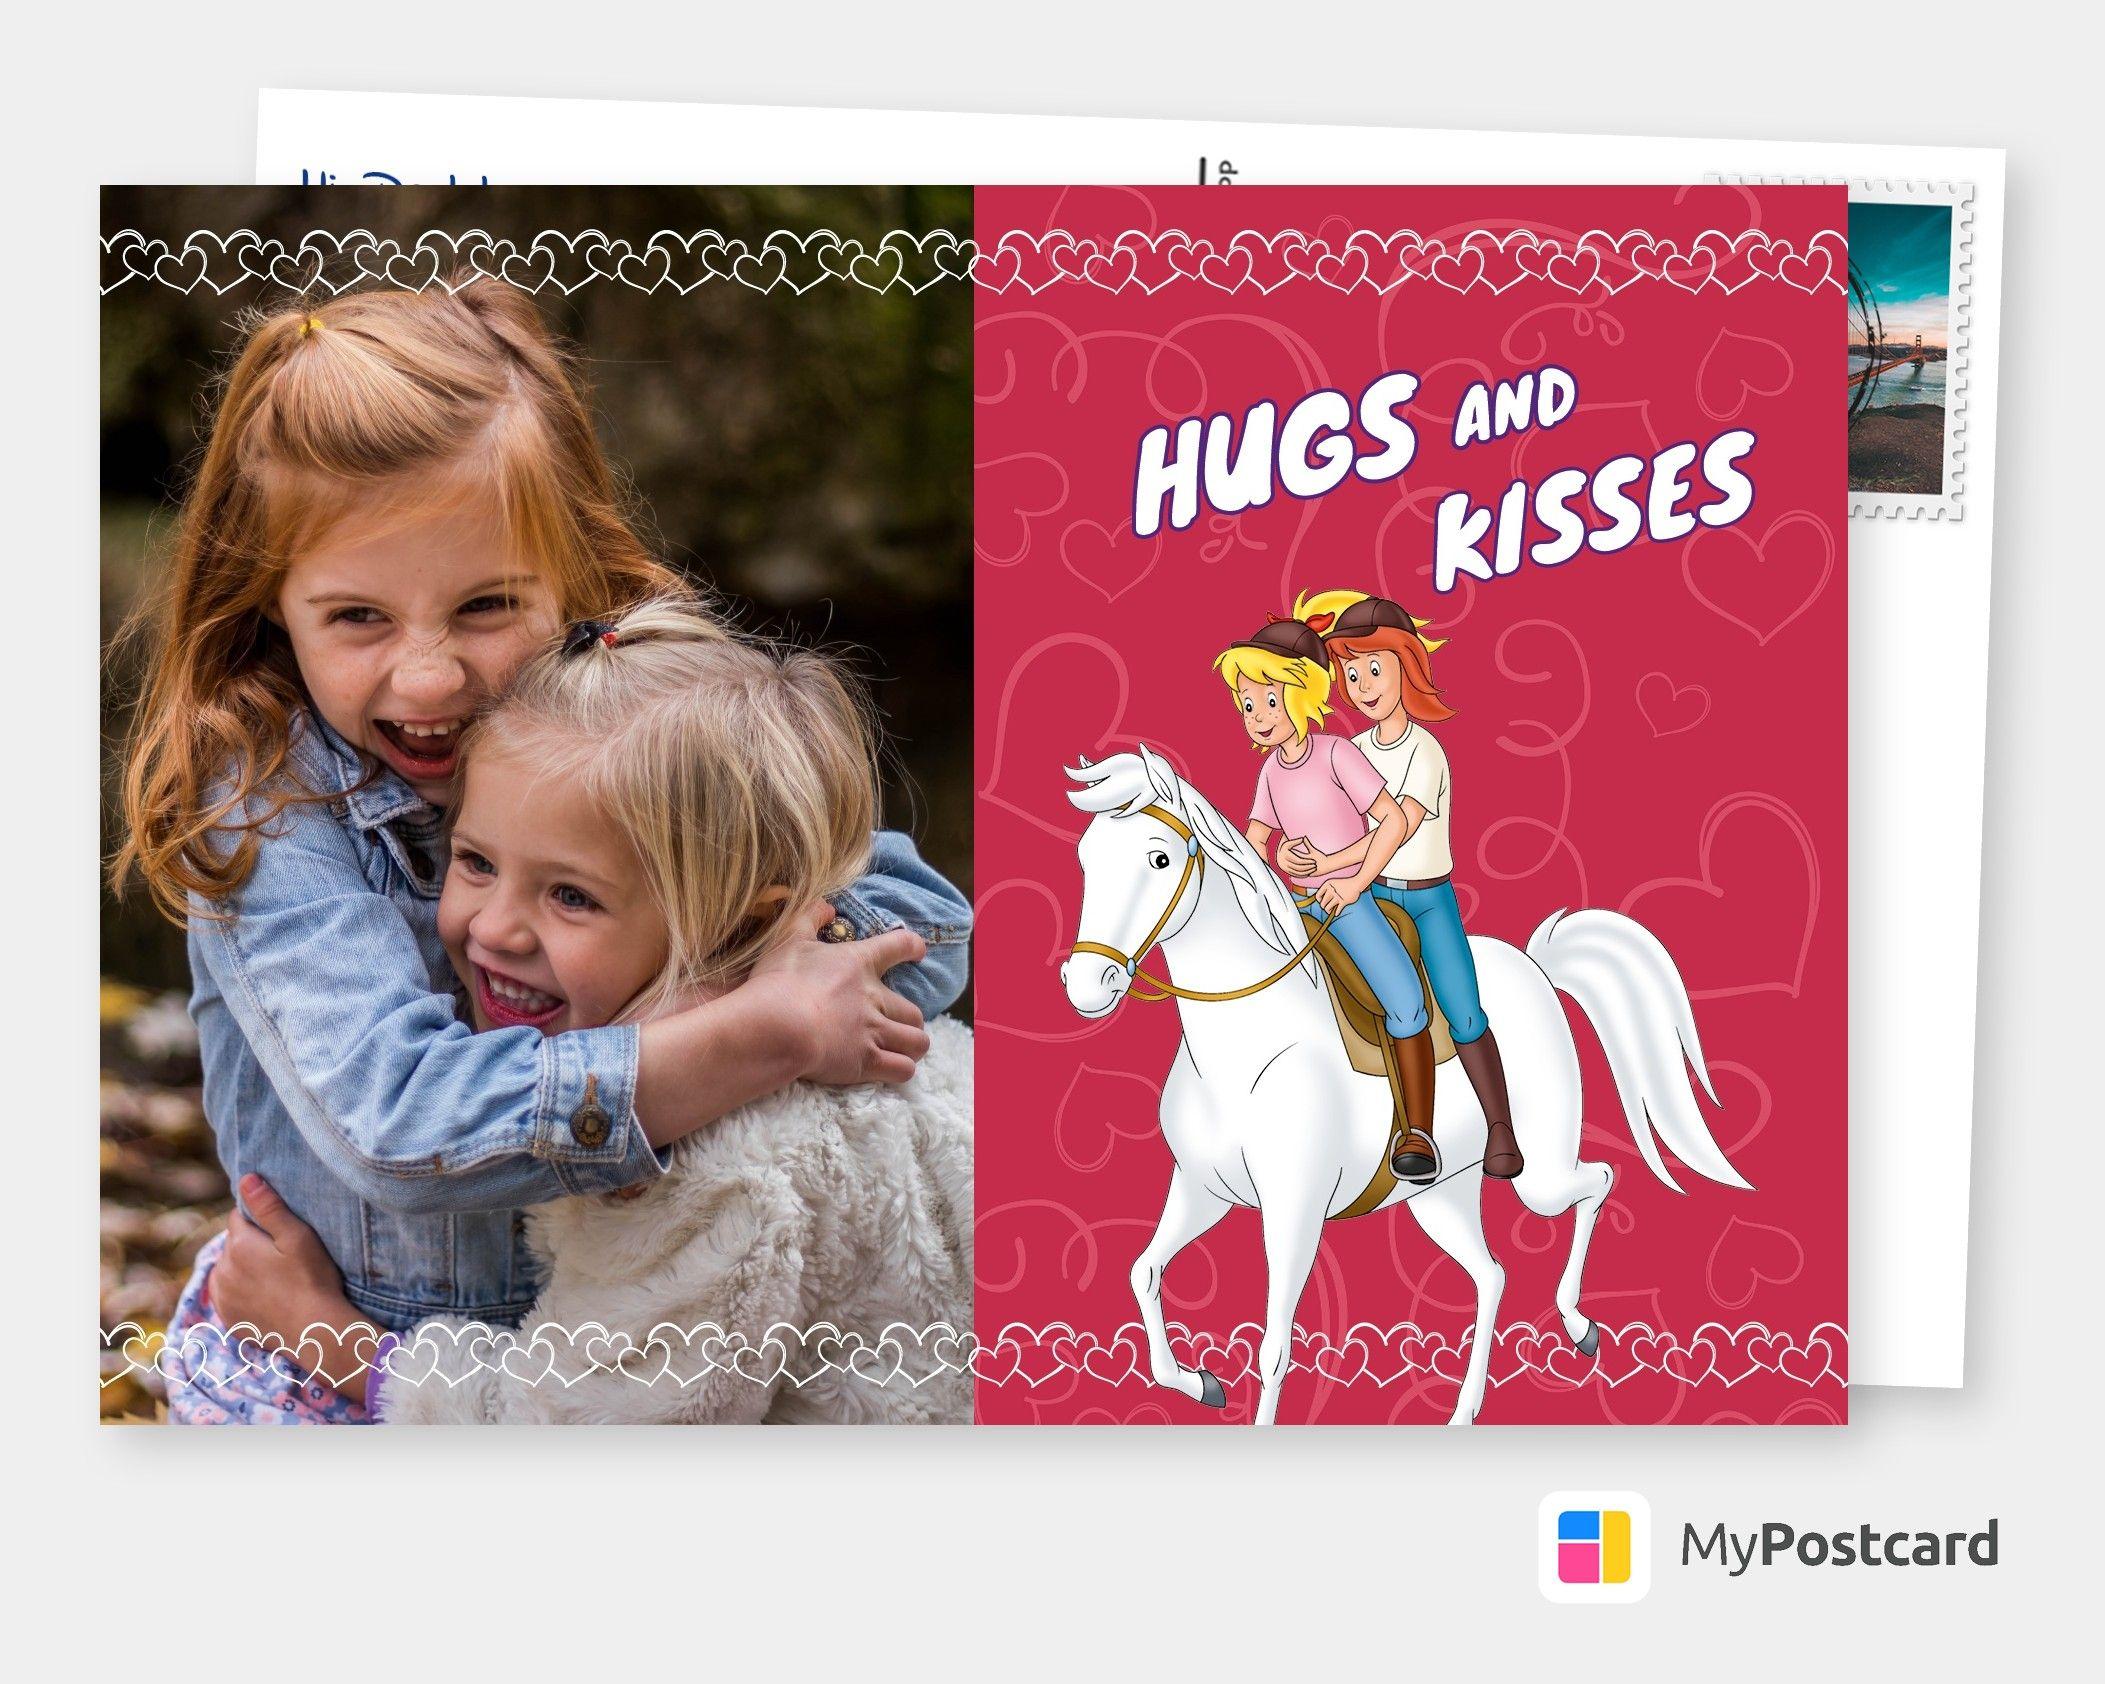 Hugs And Kisses Film Musik Karten Echte Postkarten Online Versenden Postkarten Postkarte Versenden Grusskarte